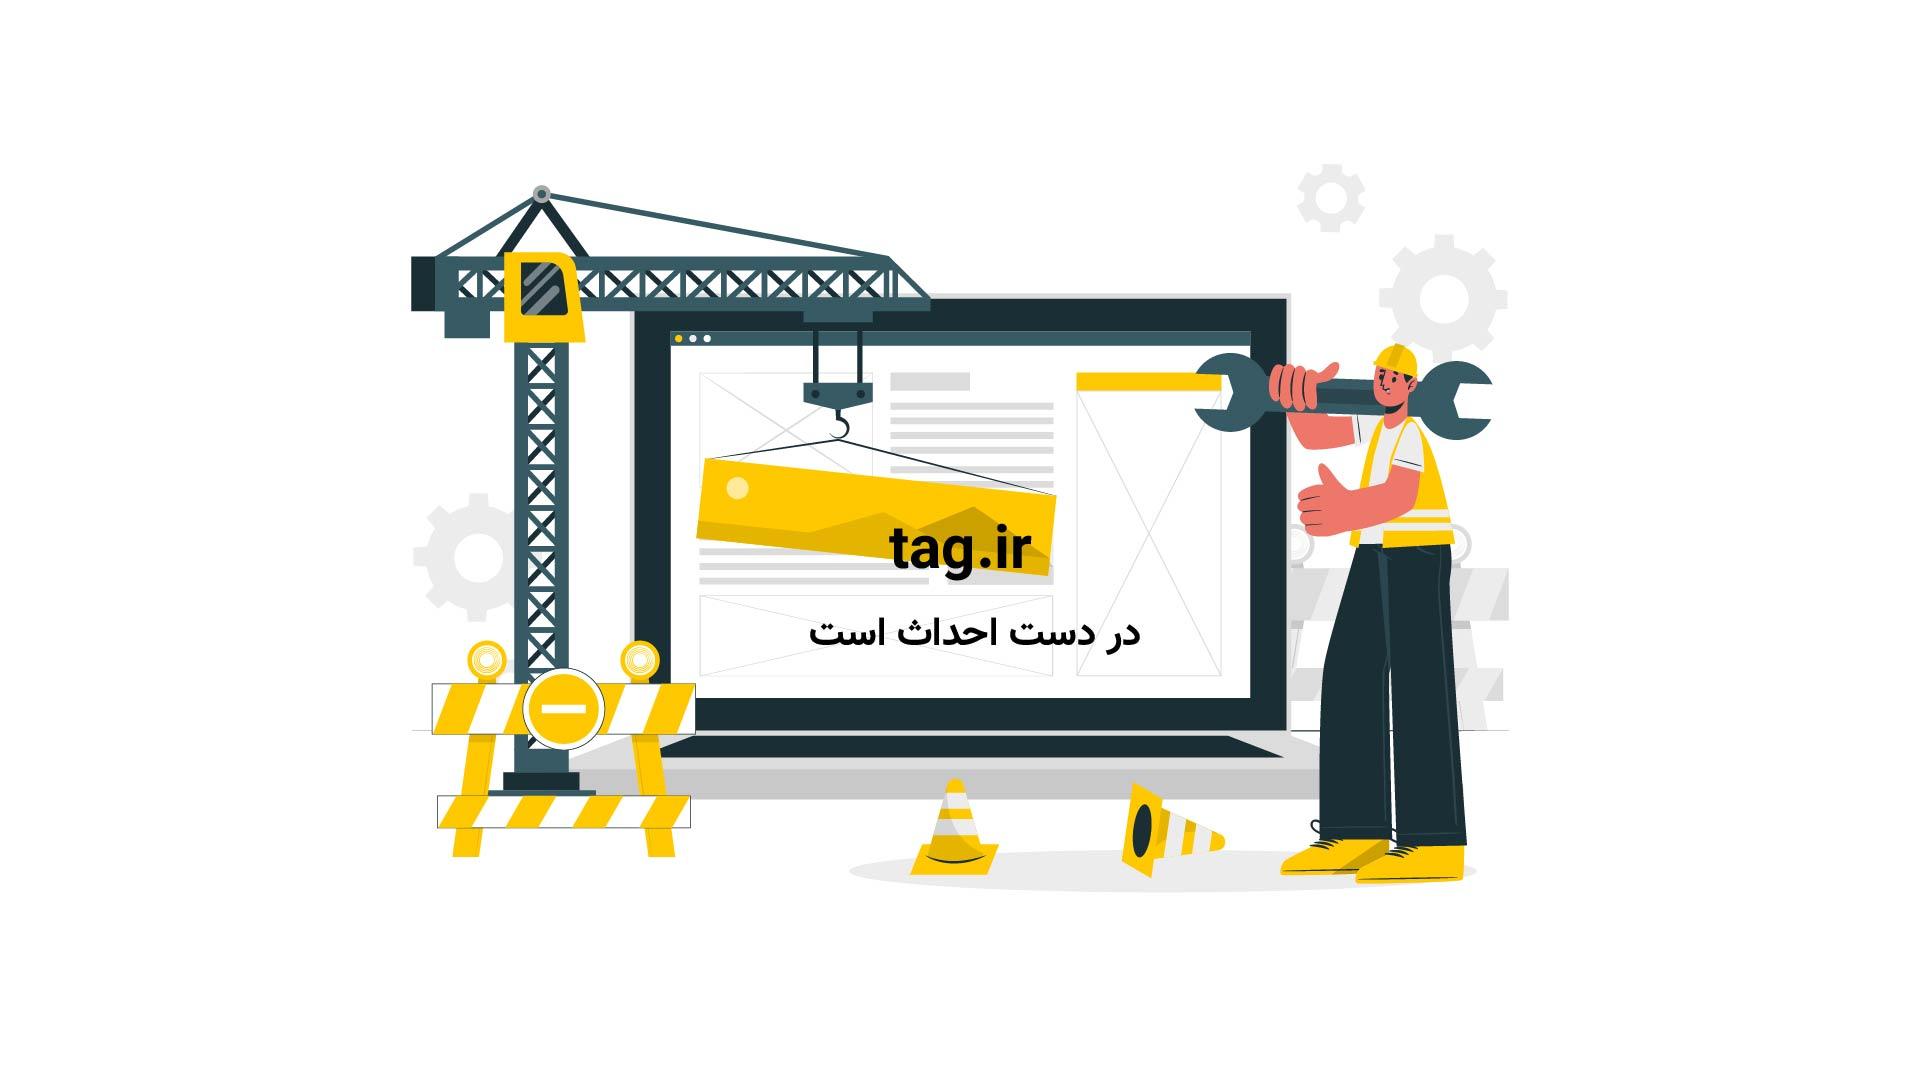 معرفی بازی موبایل شبیه ساز نبرد ارتش | فیلم